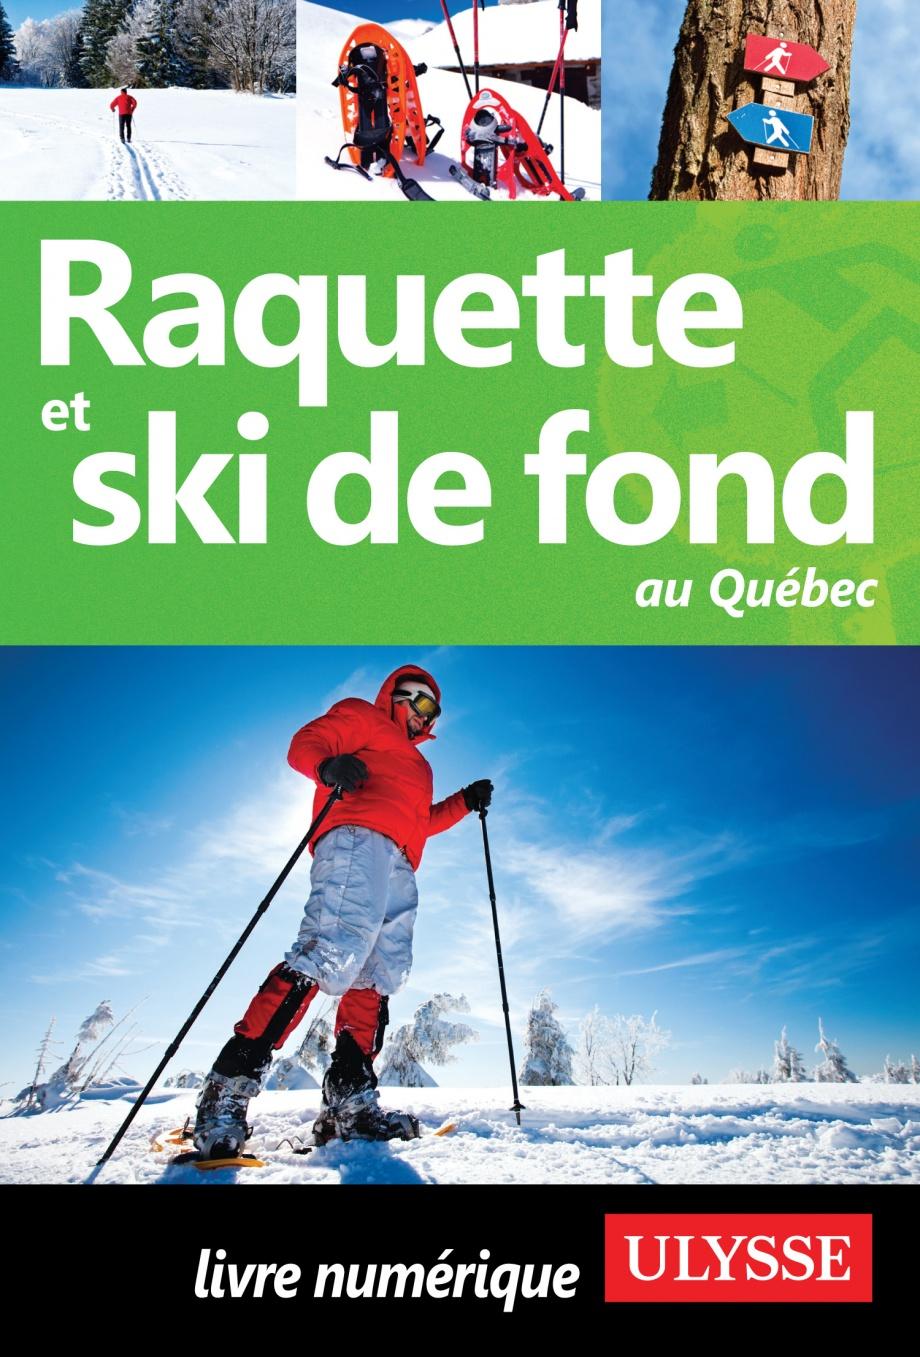 Image: Raquette et ski de fond au Québec